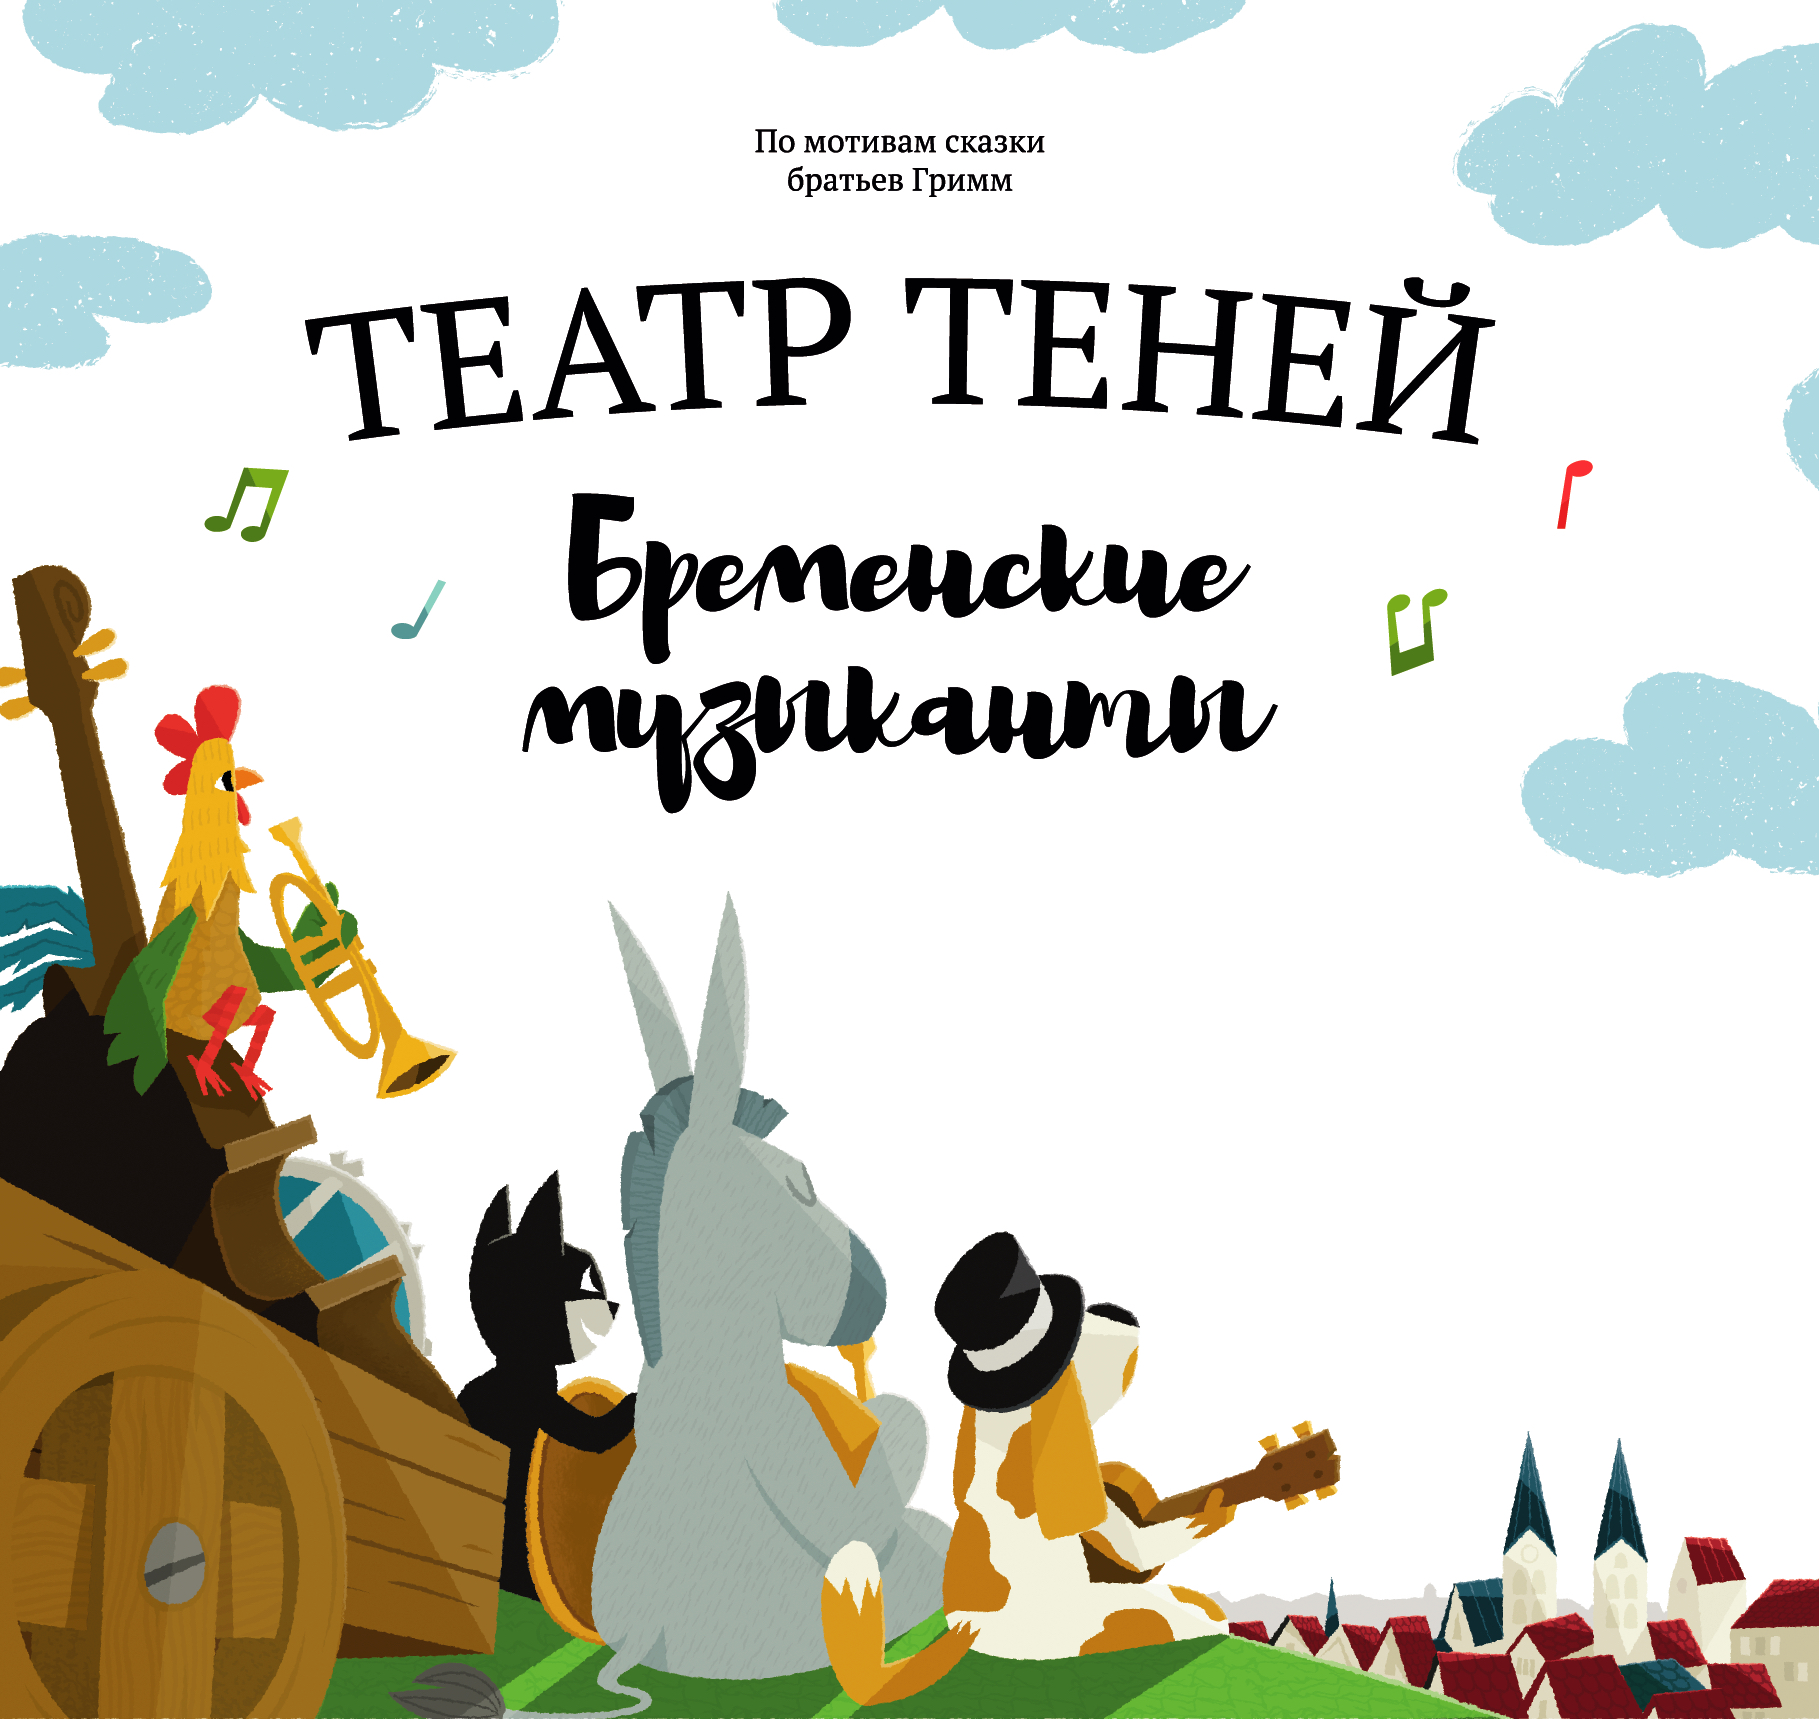 """Театр теней """"Бременские музыканты"""" ( Братья Гримм  )"""